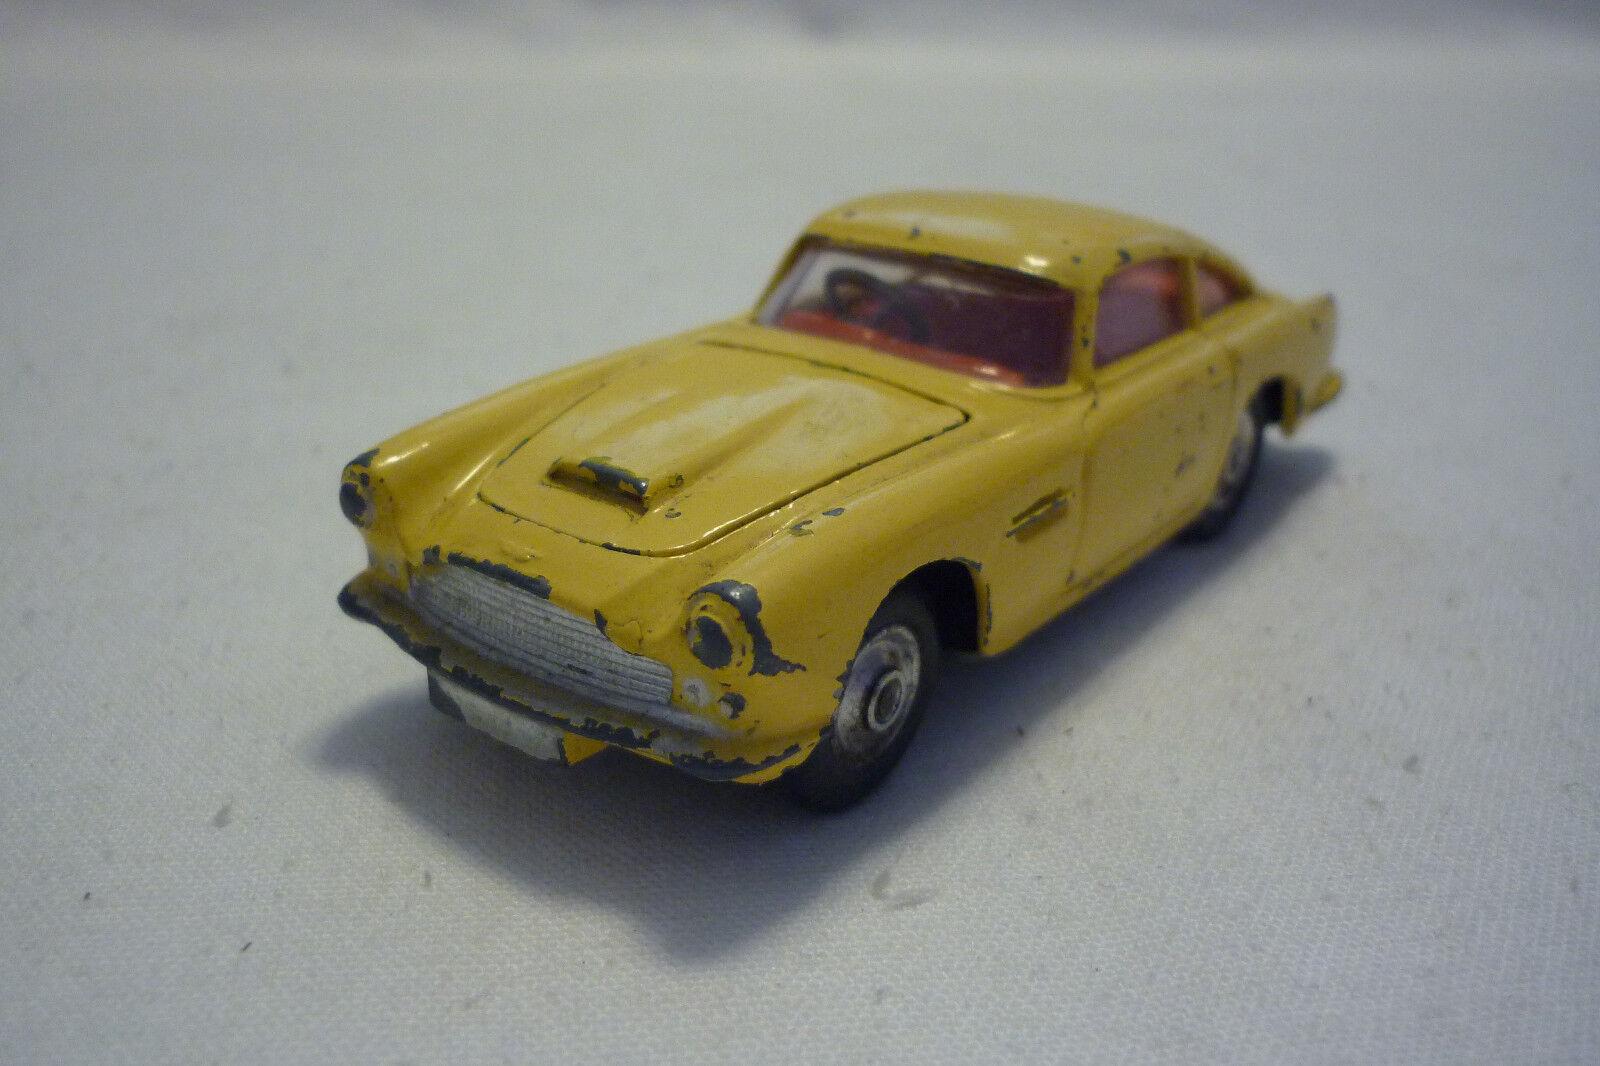 Corgi Toys - Vintage Metal Model - ASTON MARTIN D.B.4 (Corgi 50)